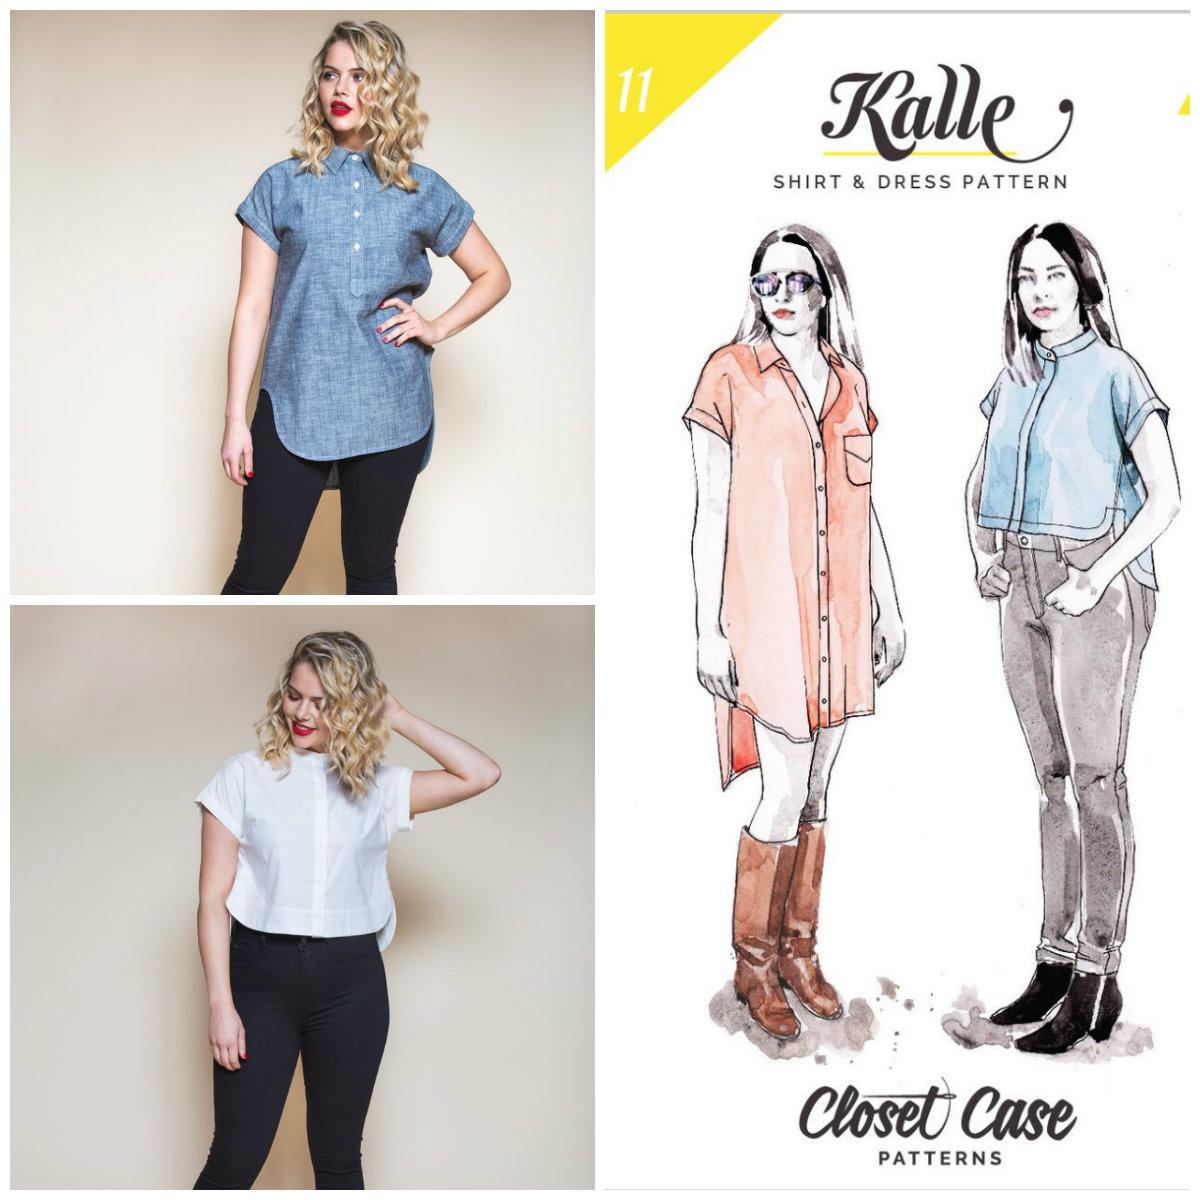 Image result for Images Kalle shirt dress